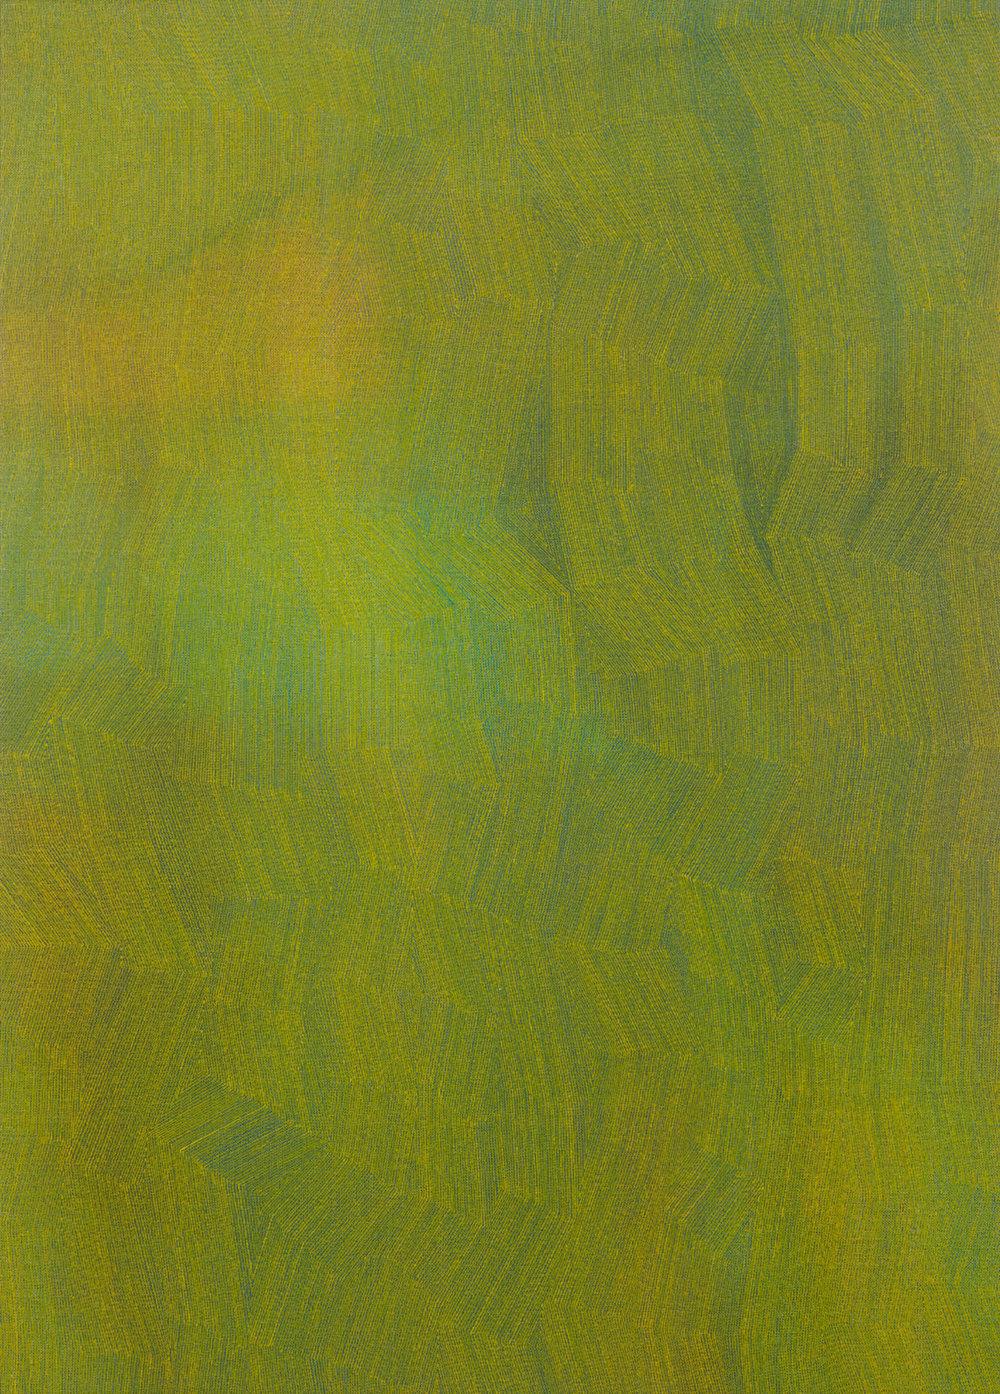 KARL WIEBKE  50-17 yellow on mixed greens , 2017 acrylic on linen 83 x 60 cm